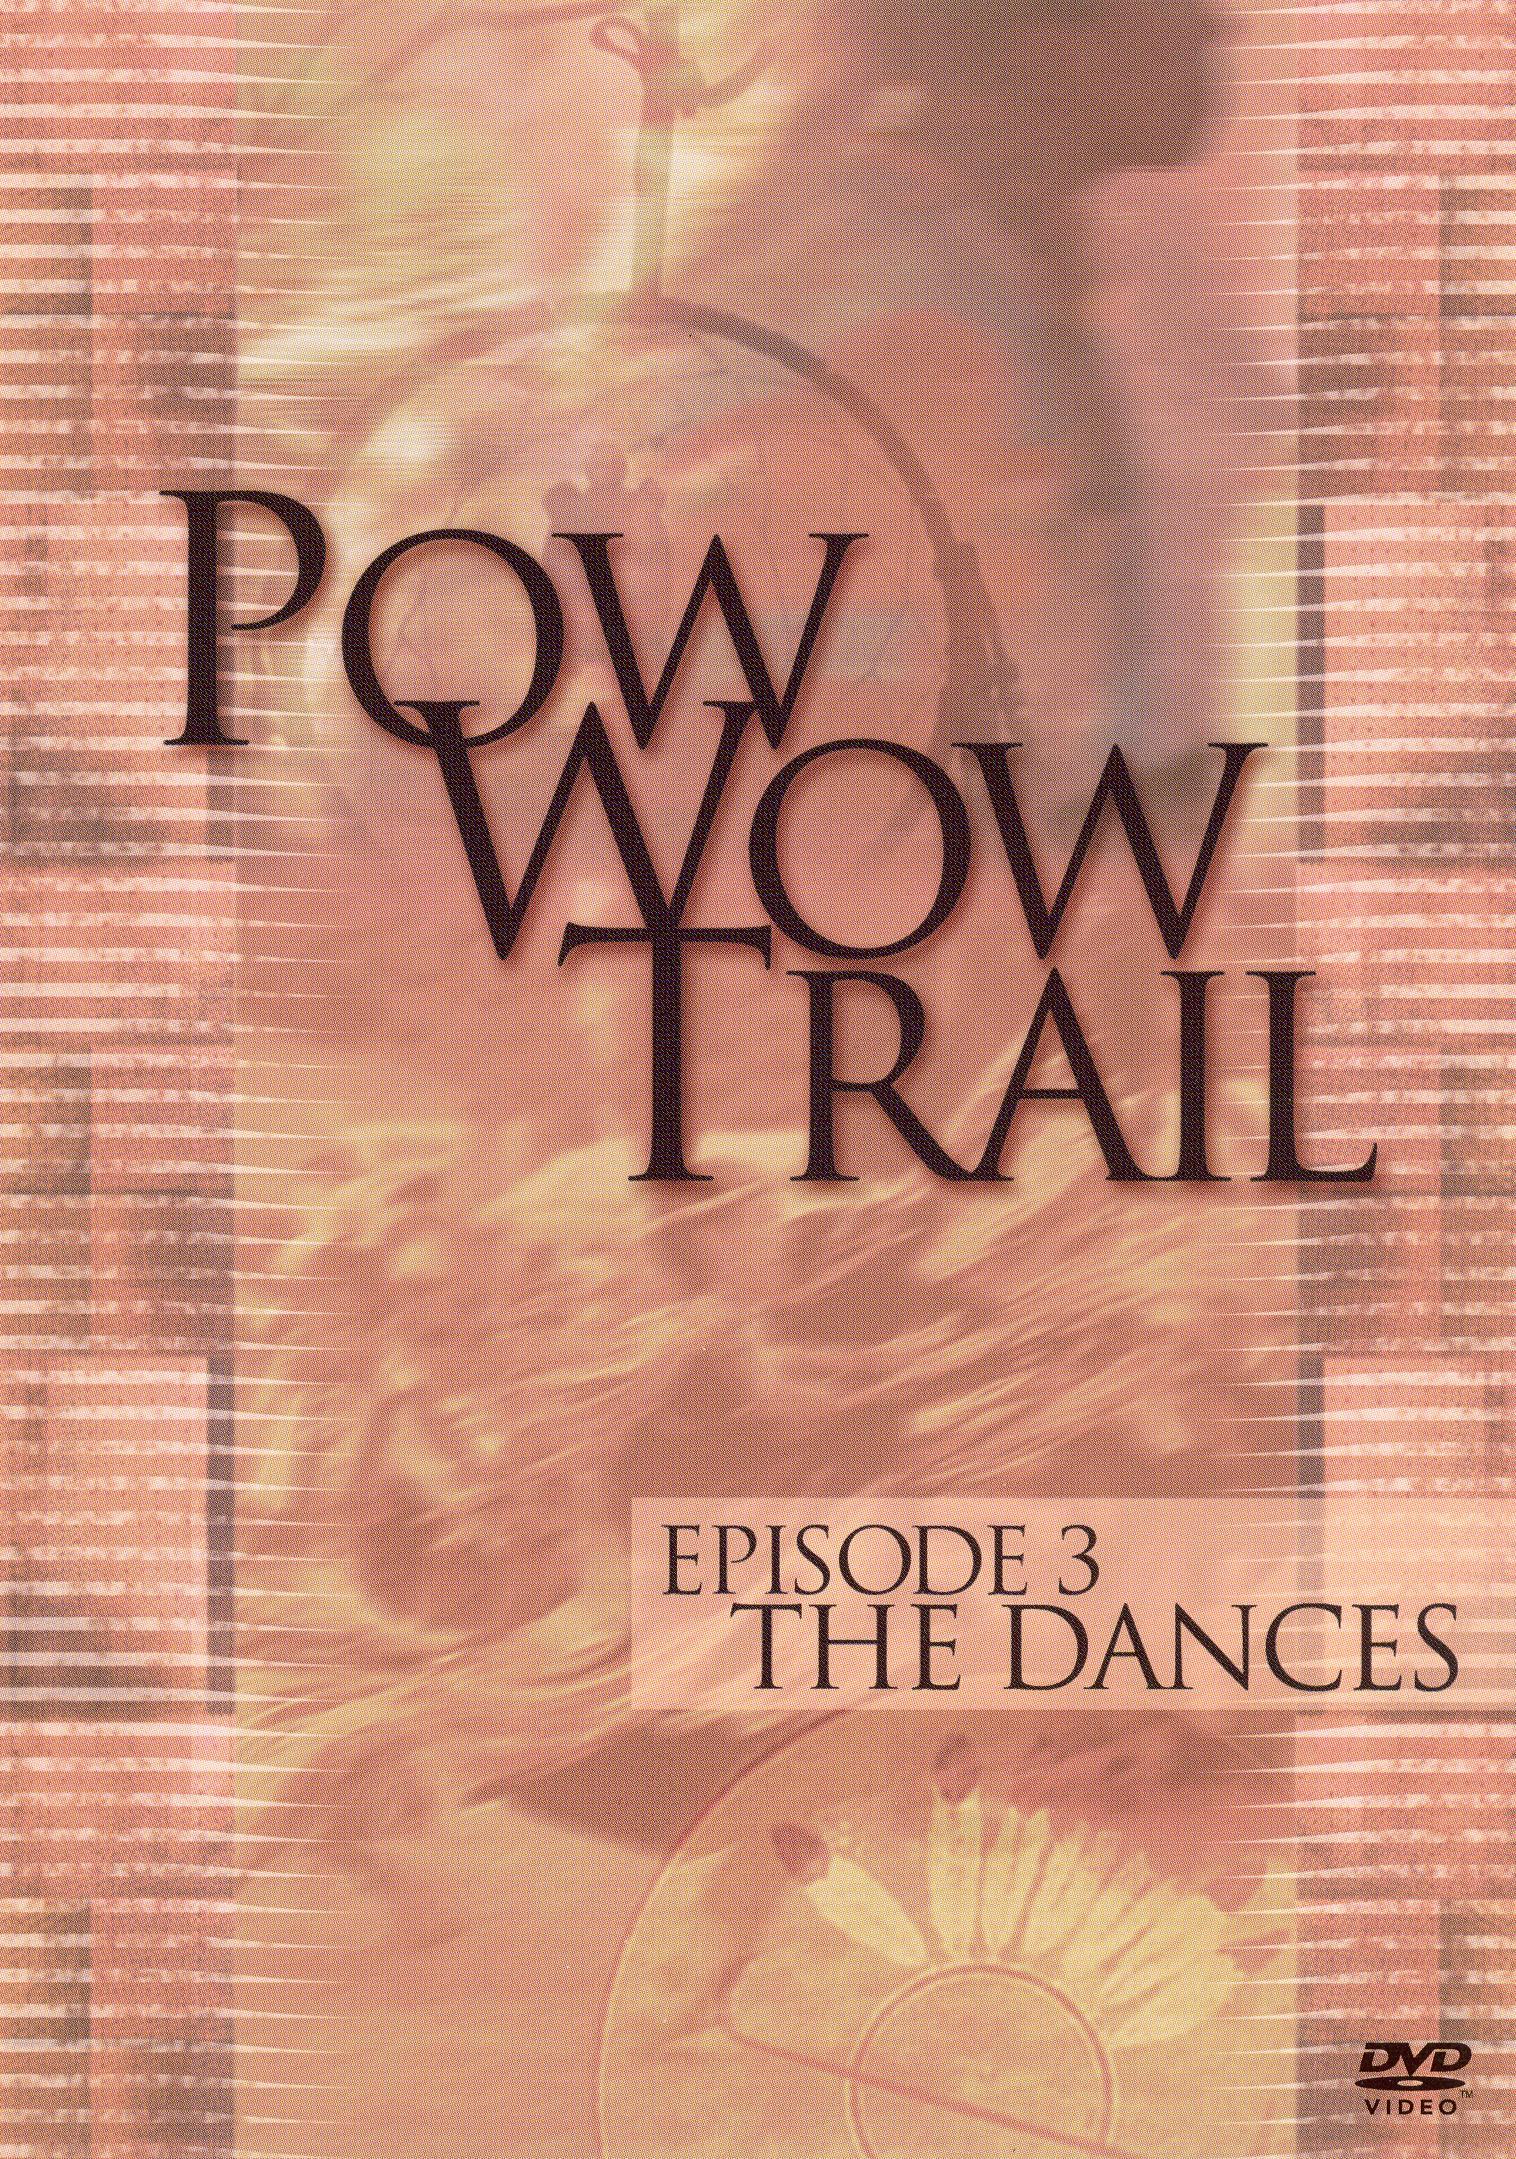 Pow Wow Trail, Episode 3: The Dances